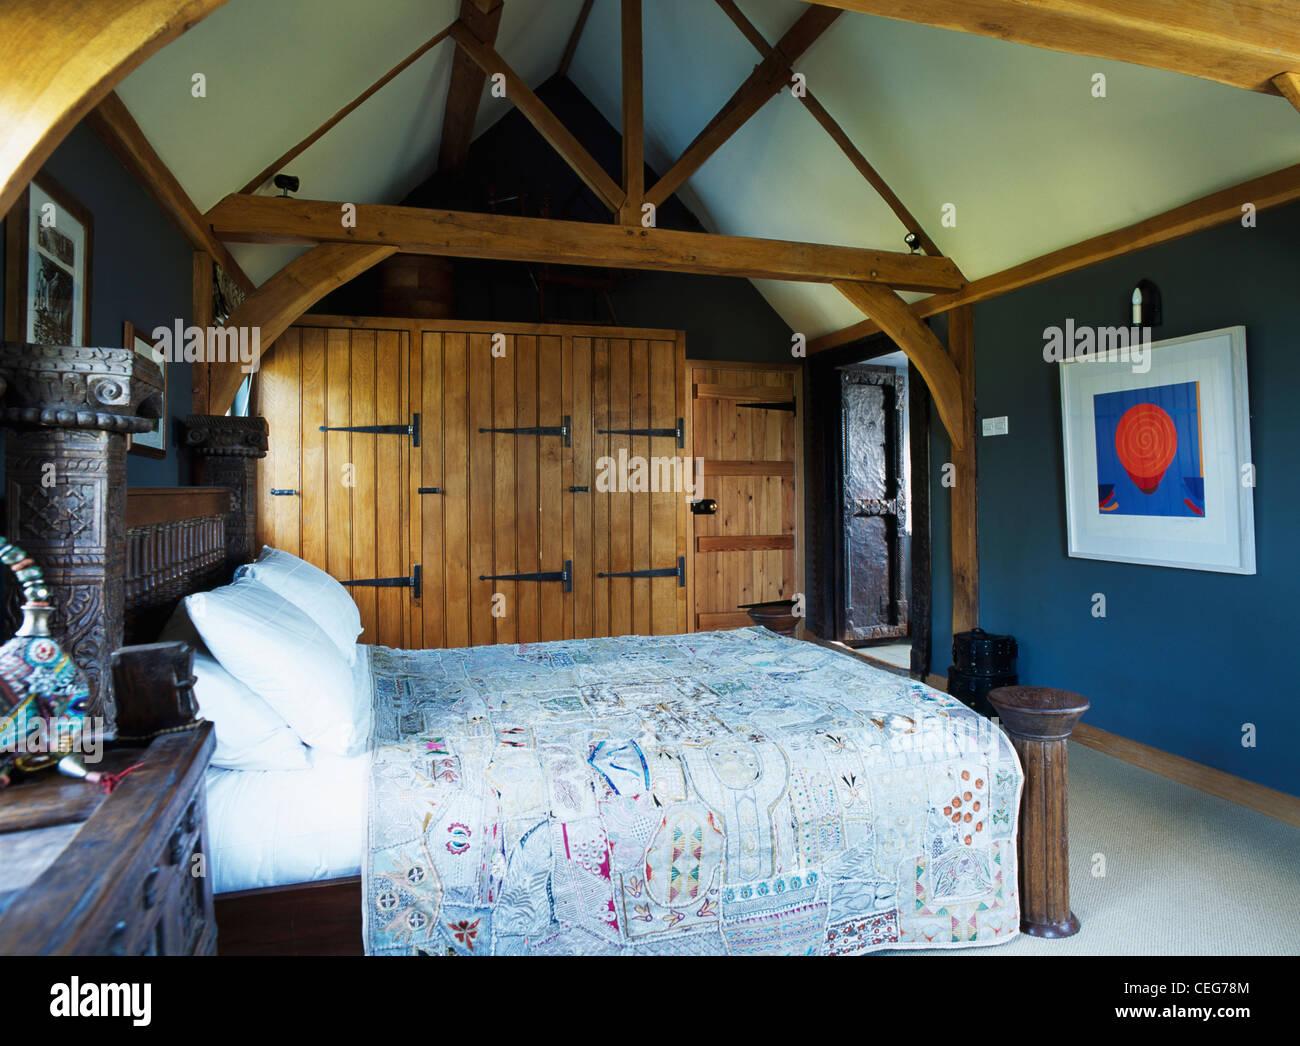 Einbauschränke Schlafzimmer einbauschränke mit unlackierten holztüren in dunklen blauen